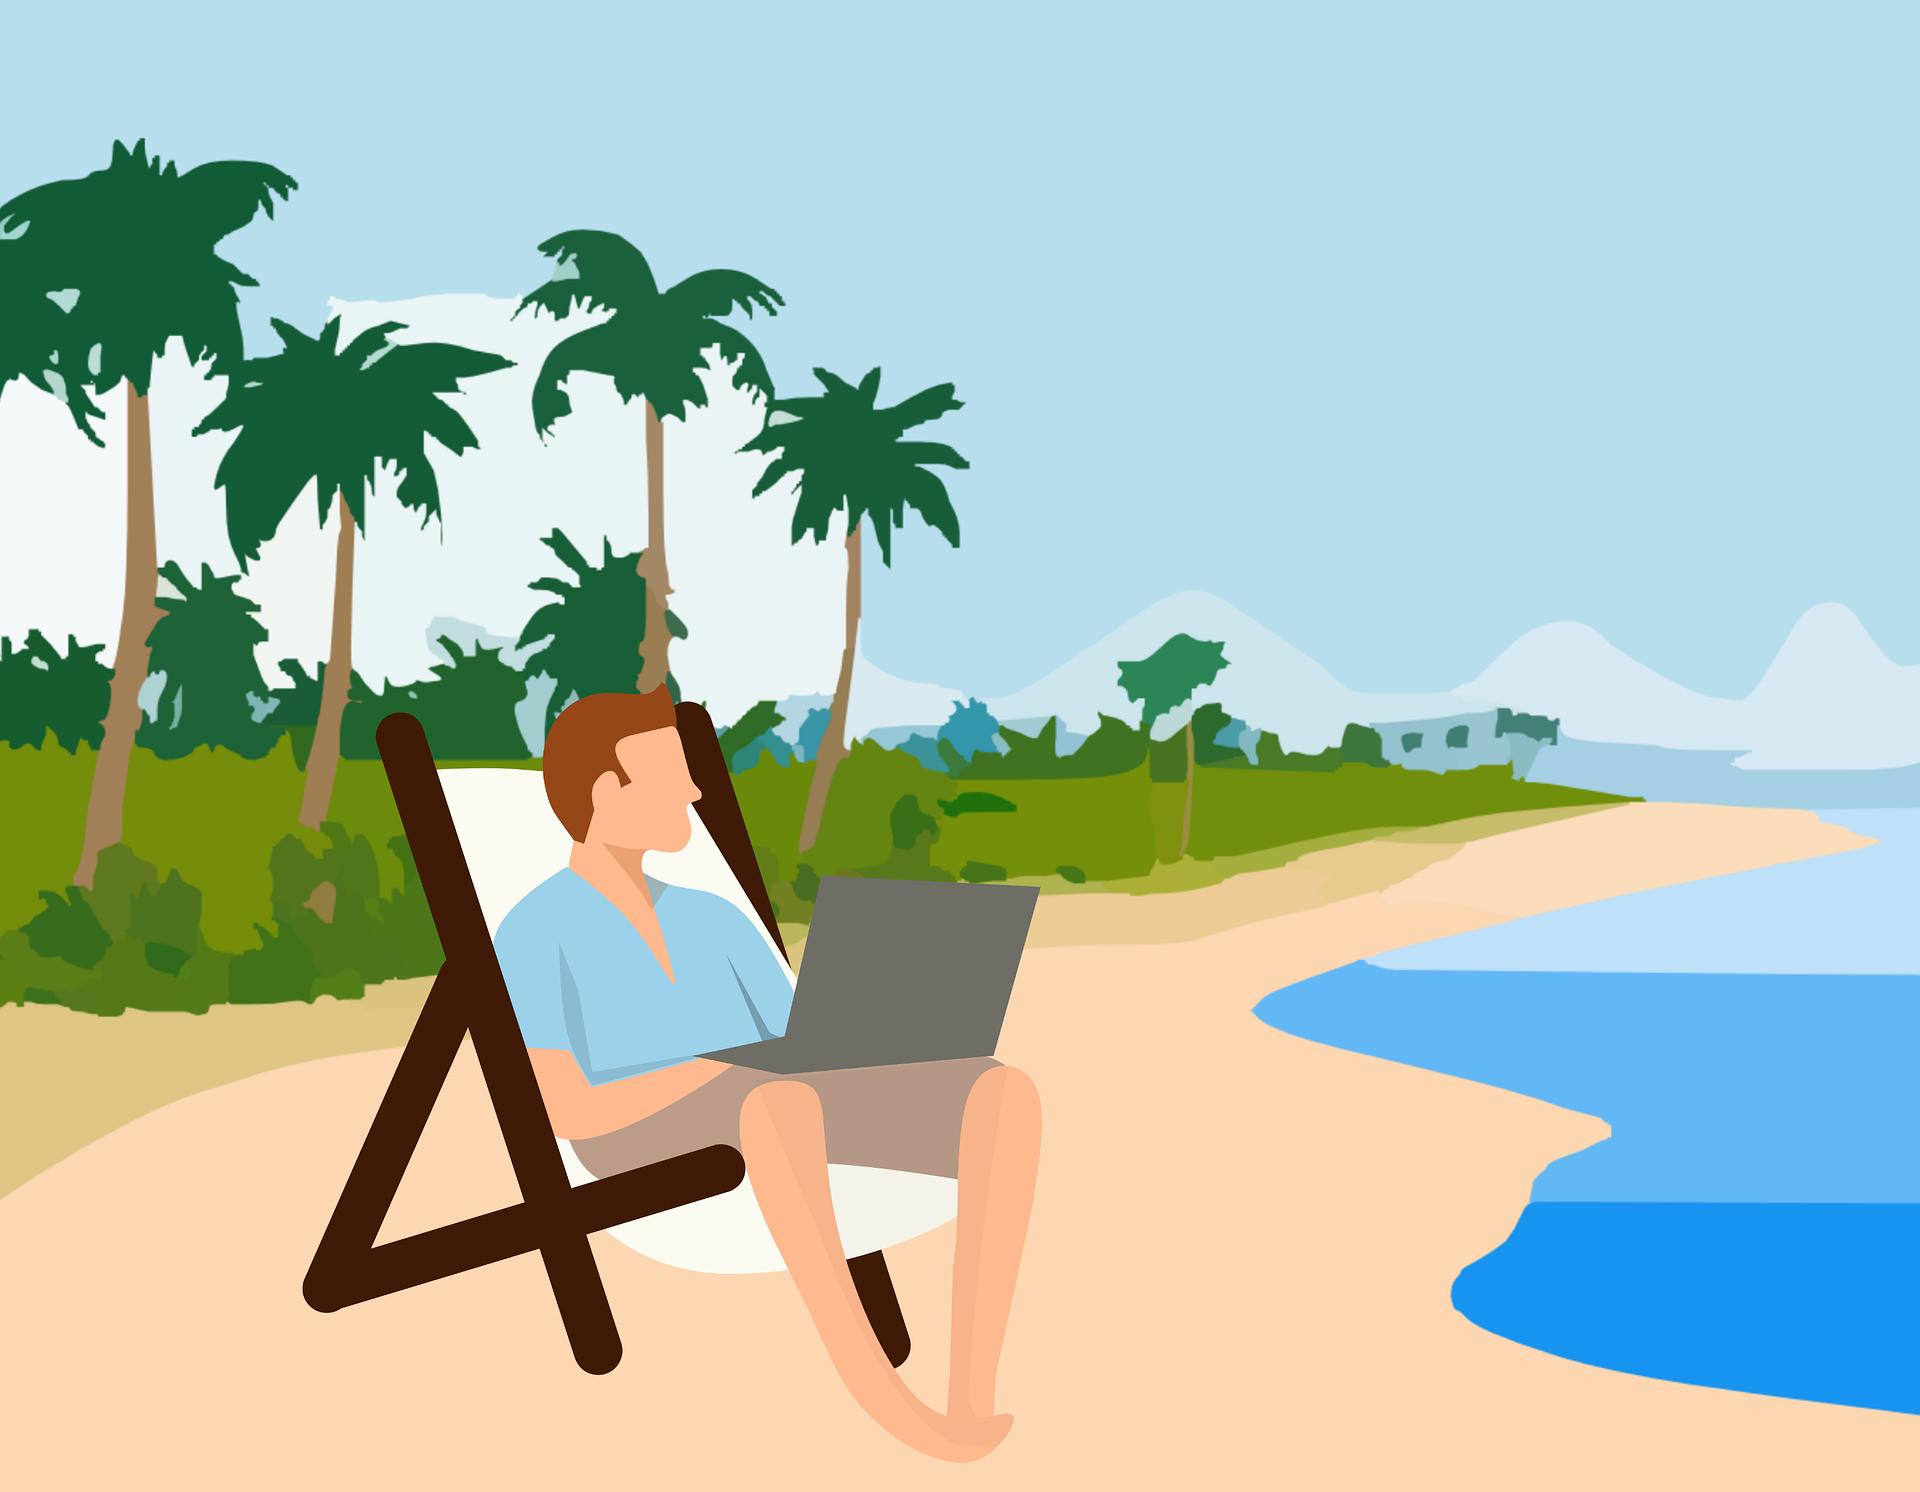 Le besoin de connexion en vacances des Français et des salariés image